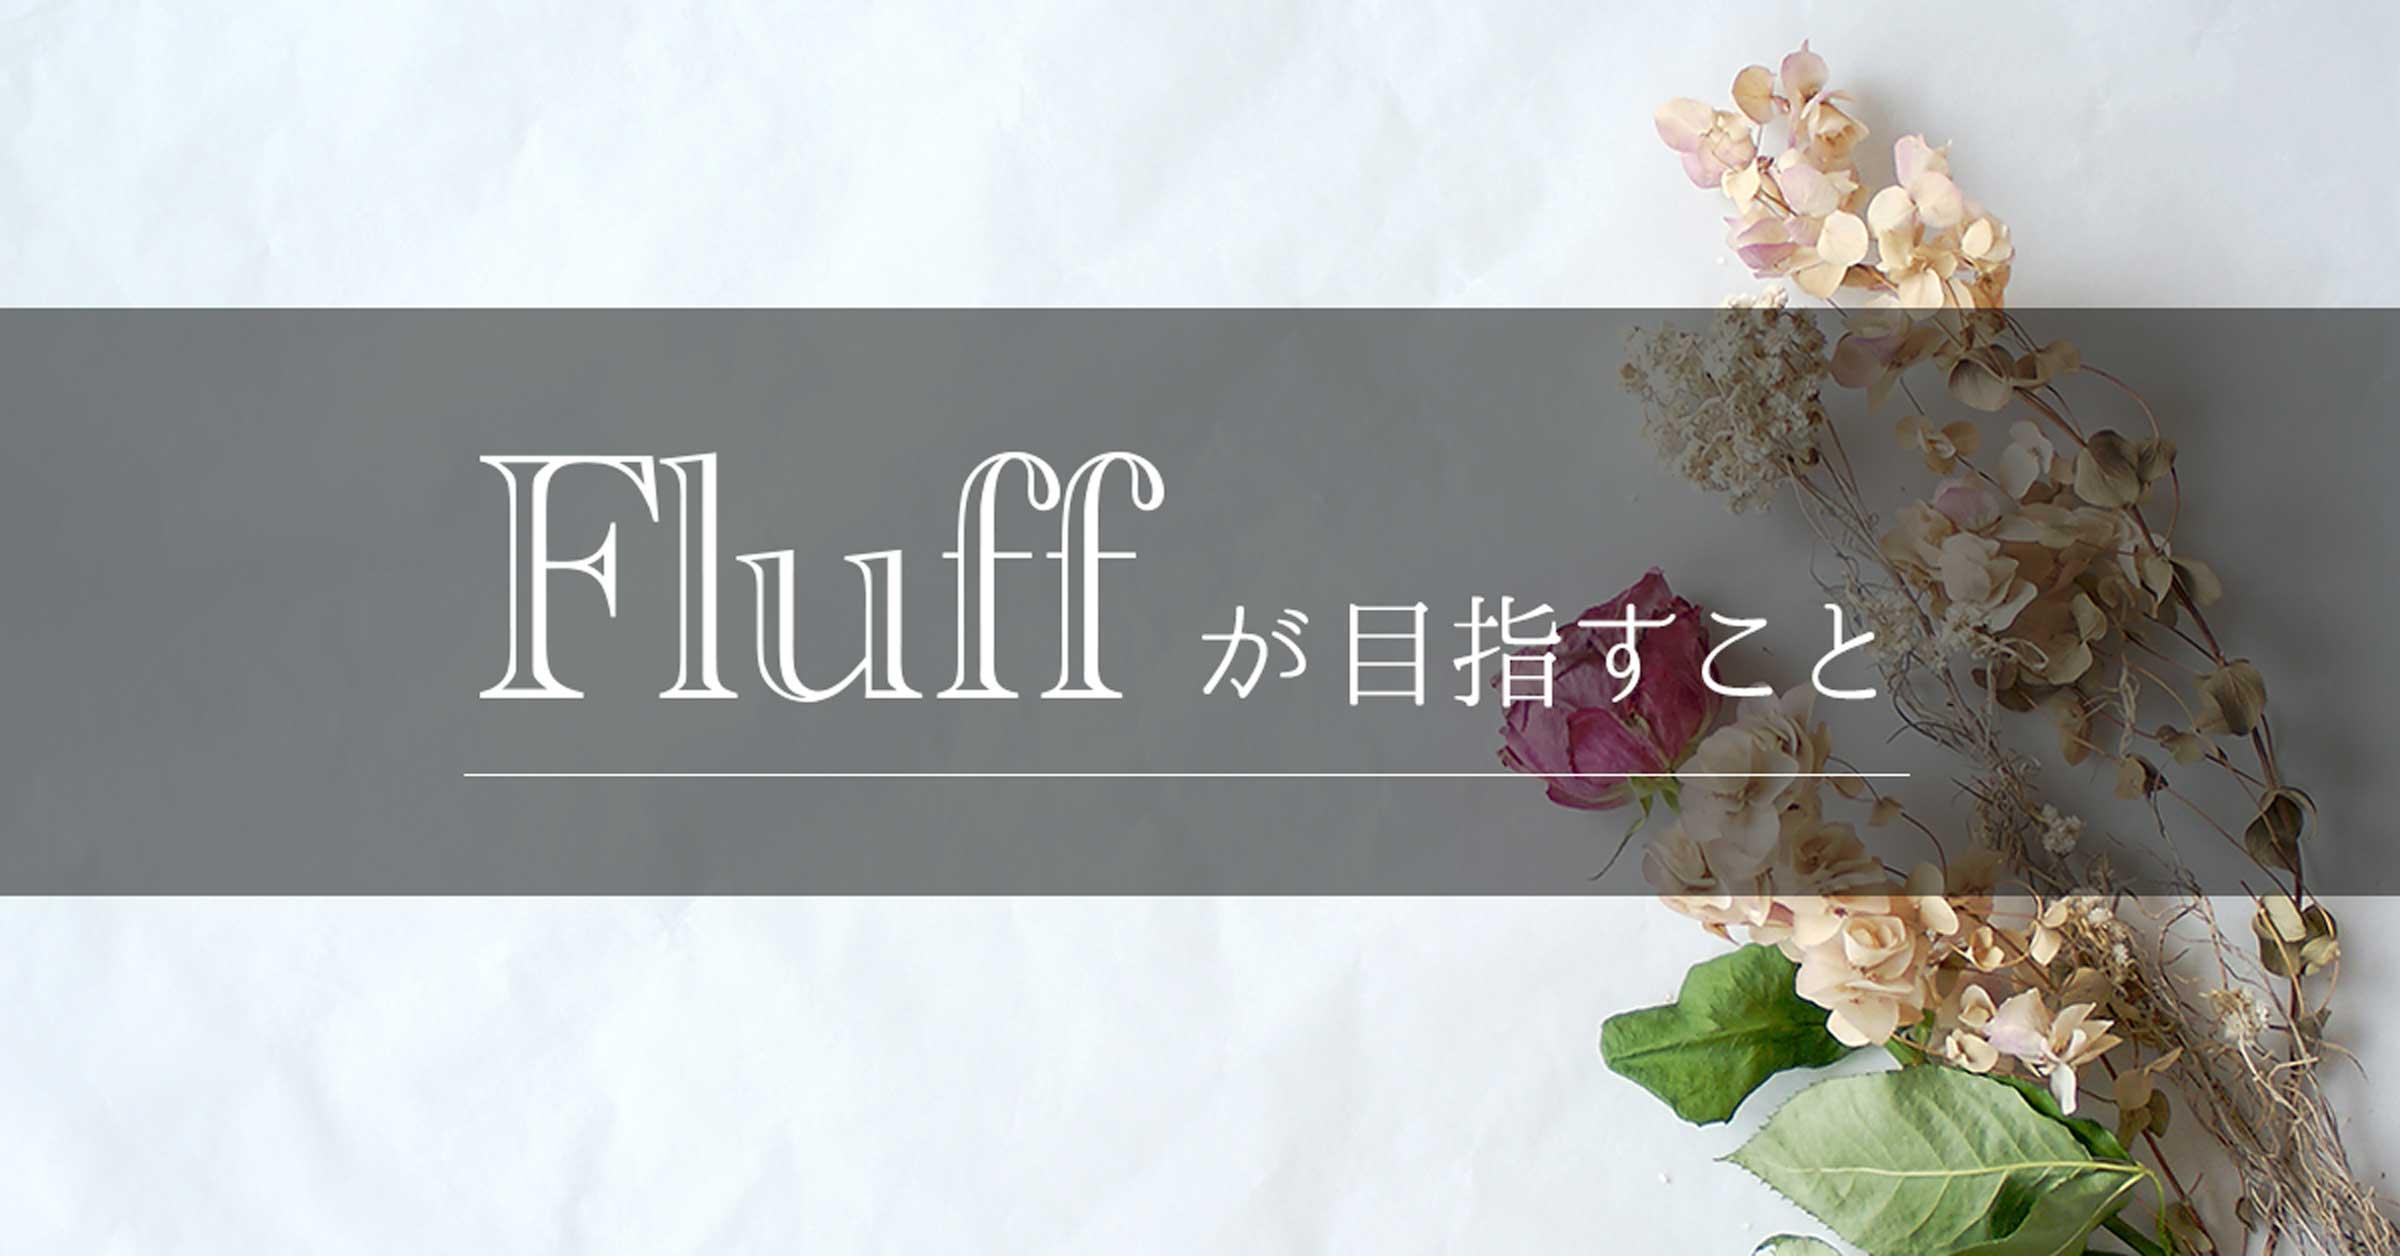 Fluffが目指すこと